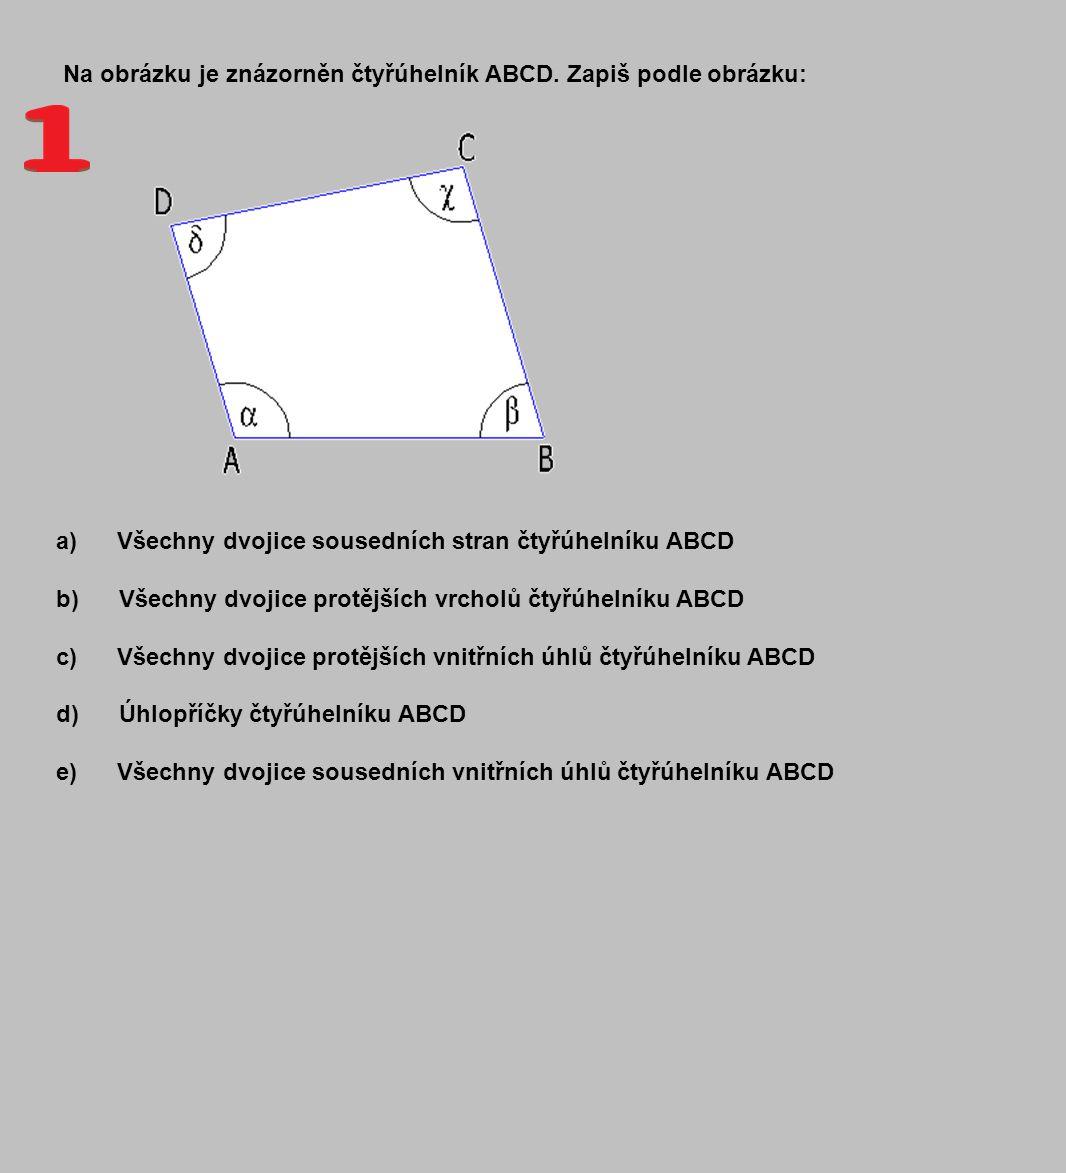 Na obrázku je znázorněn čtyřúhelník ABCD. Zapiš podle obrázku: